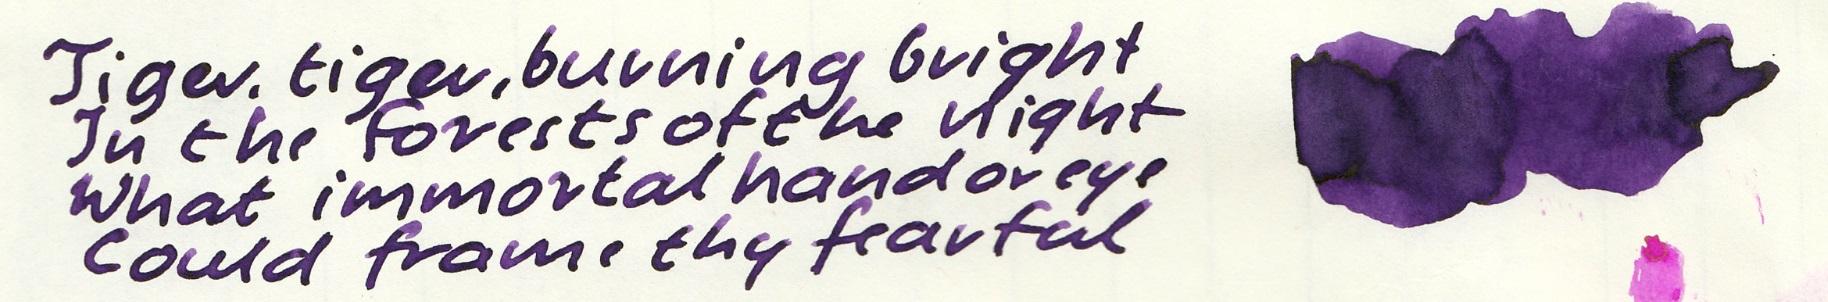 fpn_1455051740__violet_stdupont_tomoe_1.